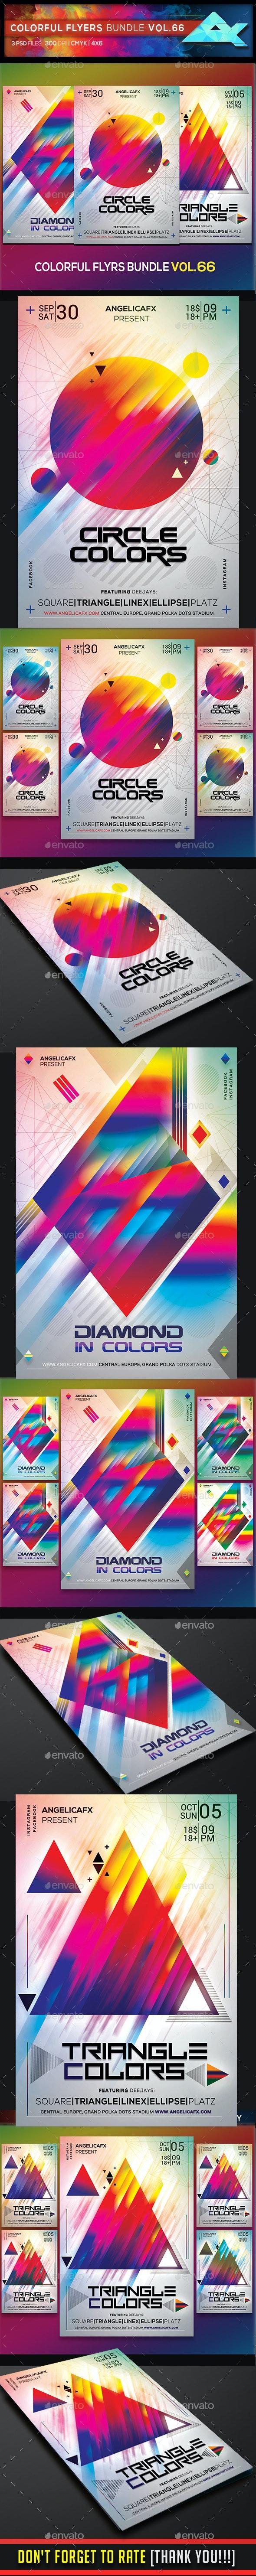 Colorful Flyers Bundle Vol. 66 - Events Flyers